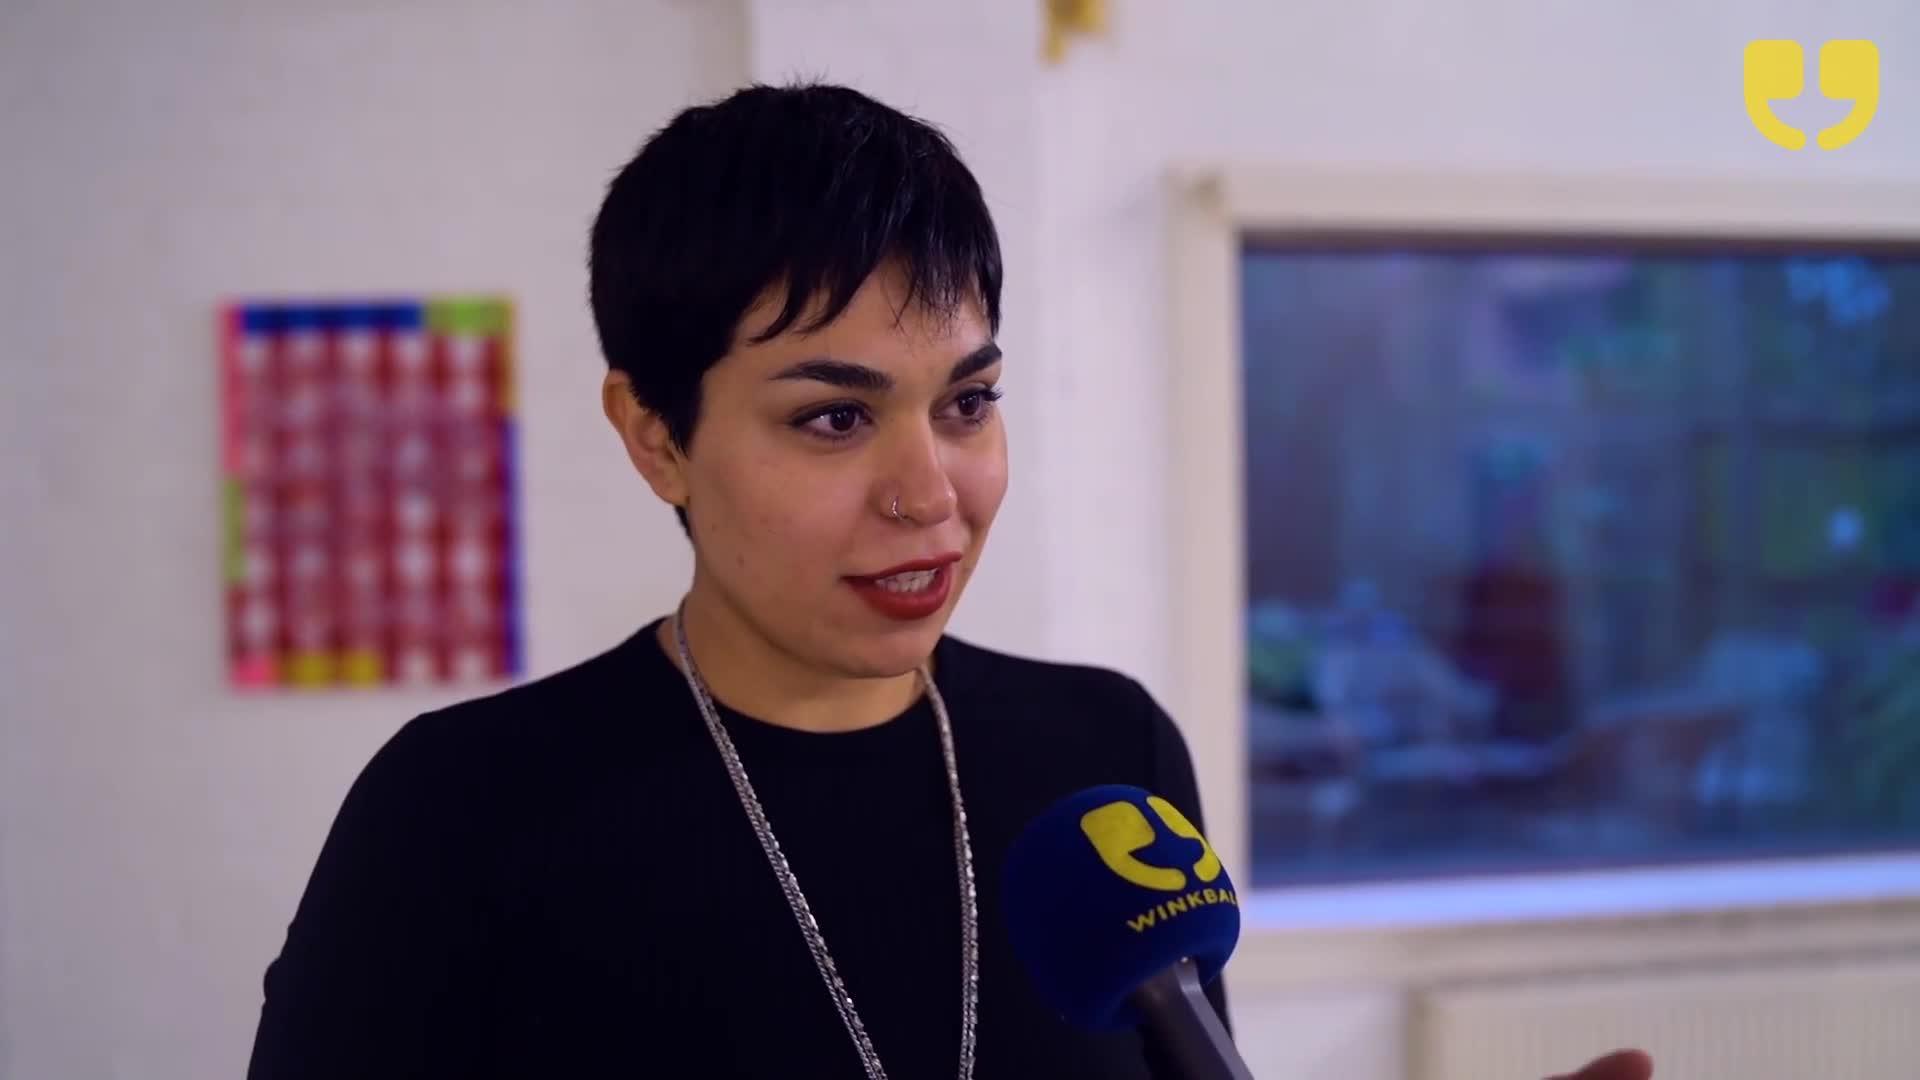 Niloofar Taatizadeh